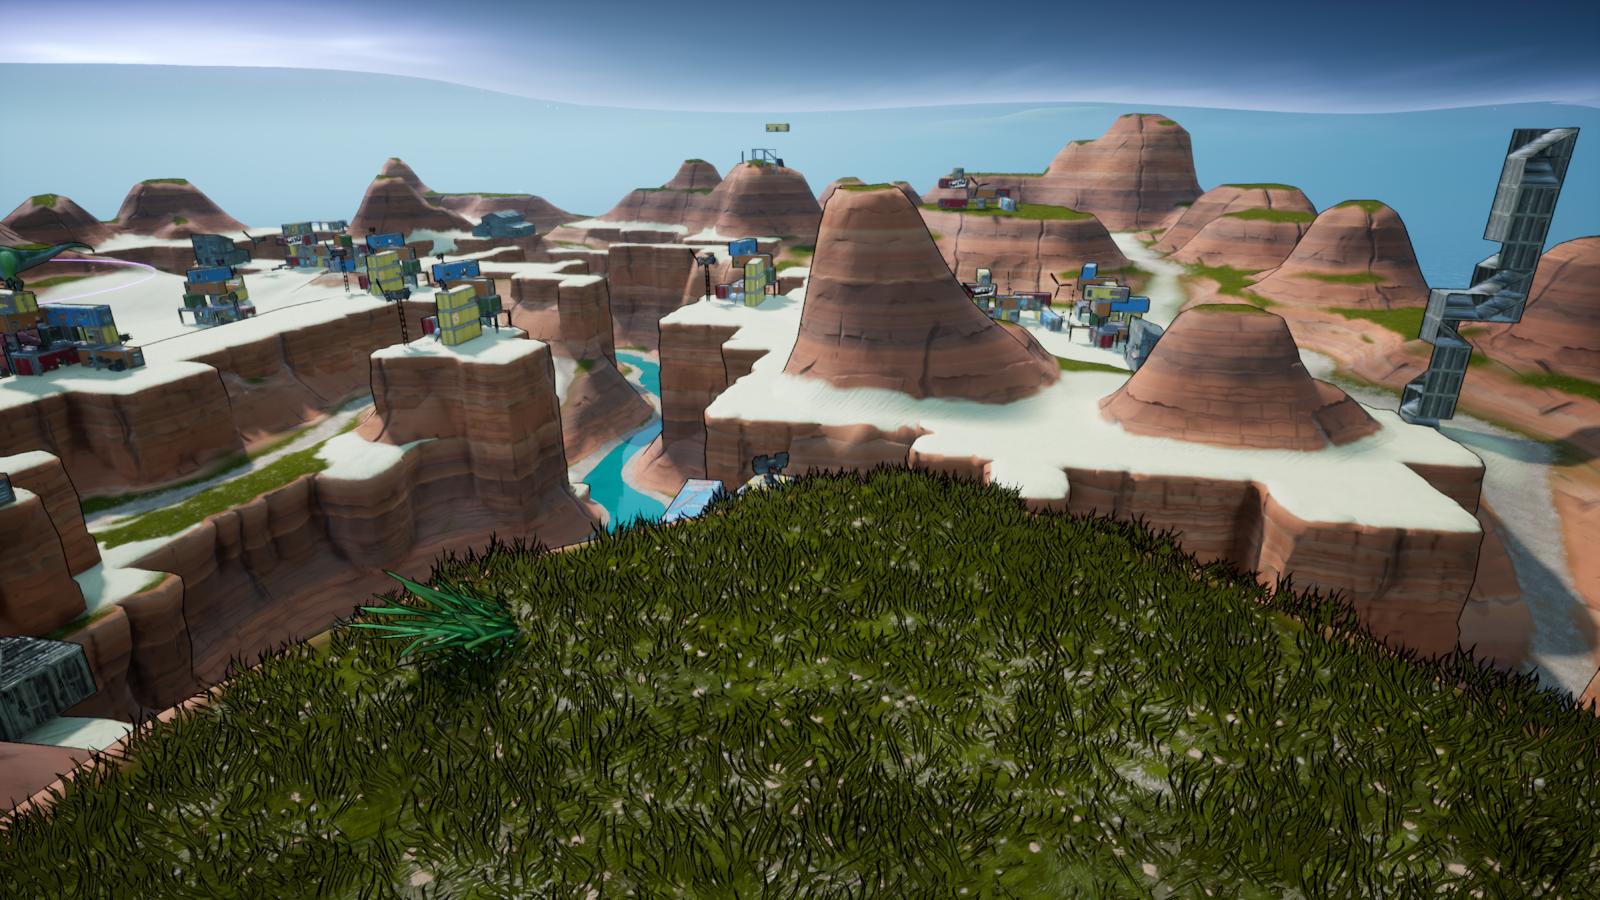 Endgame Fortnite Creative Code Desert Endgame Simulation 5350 4949 6539 By Mr Brandonardyt Fortnite